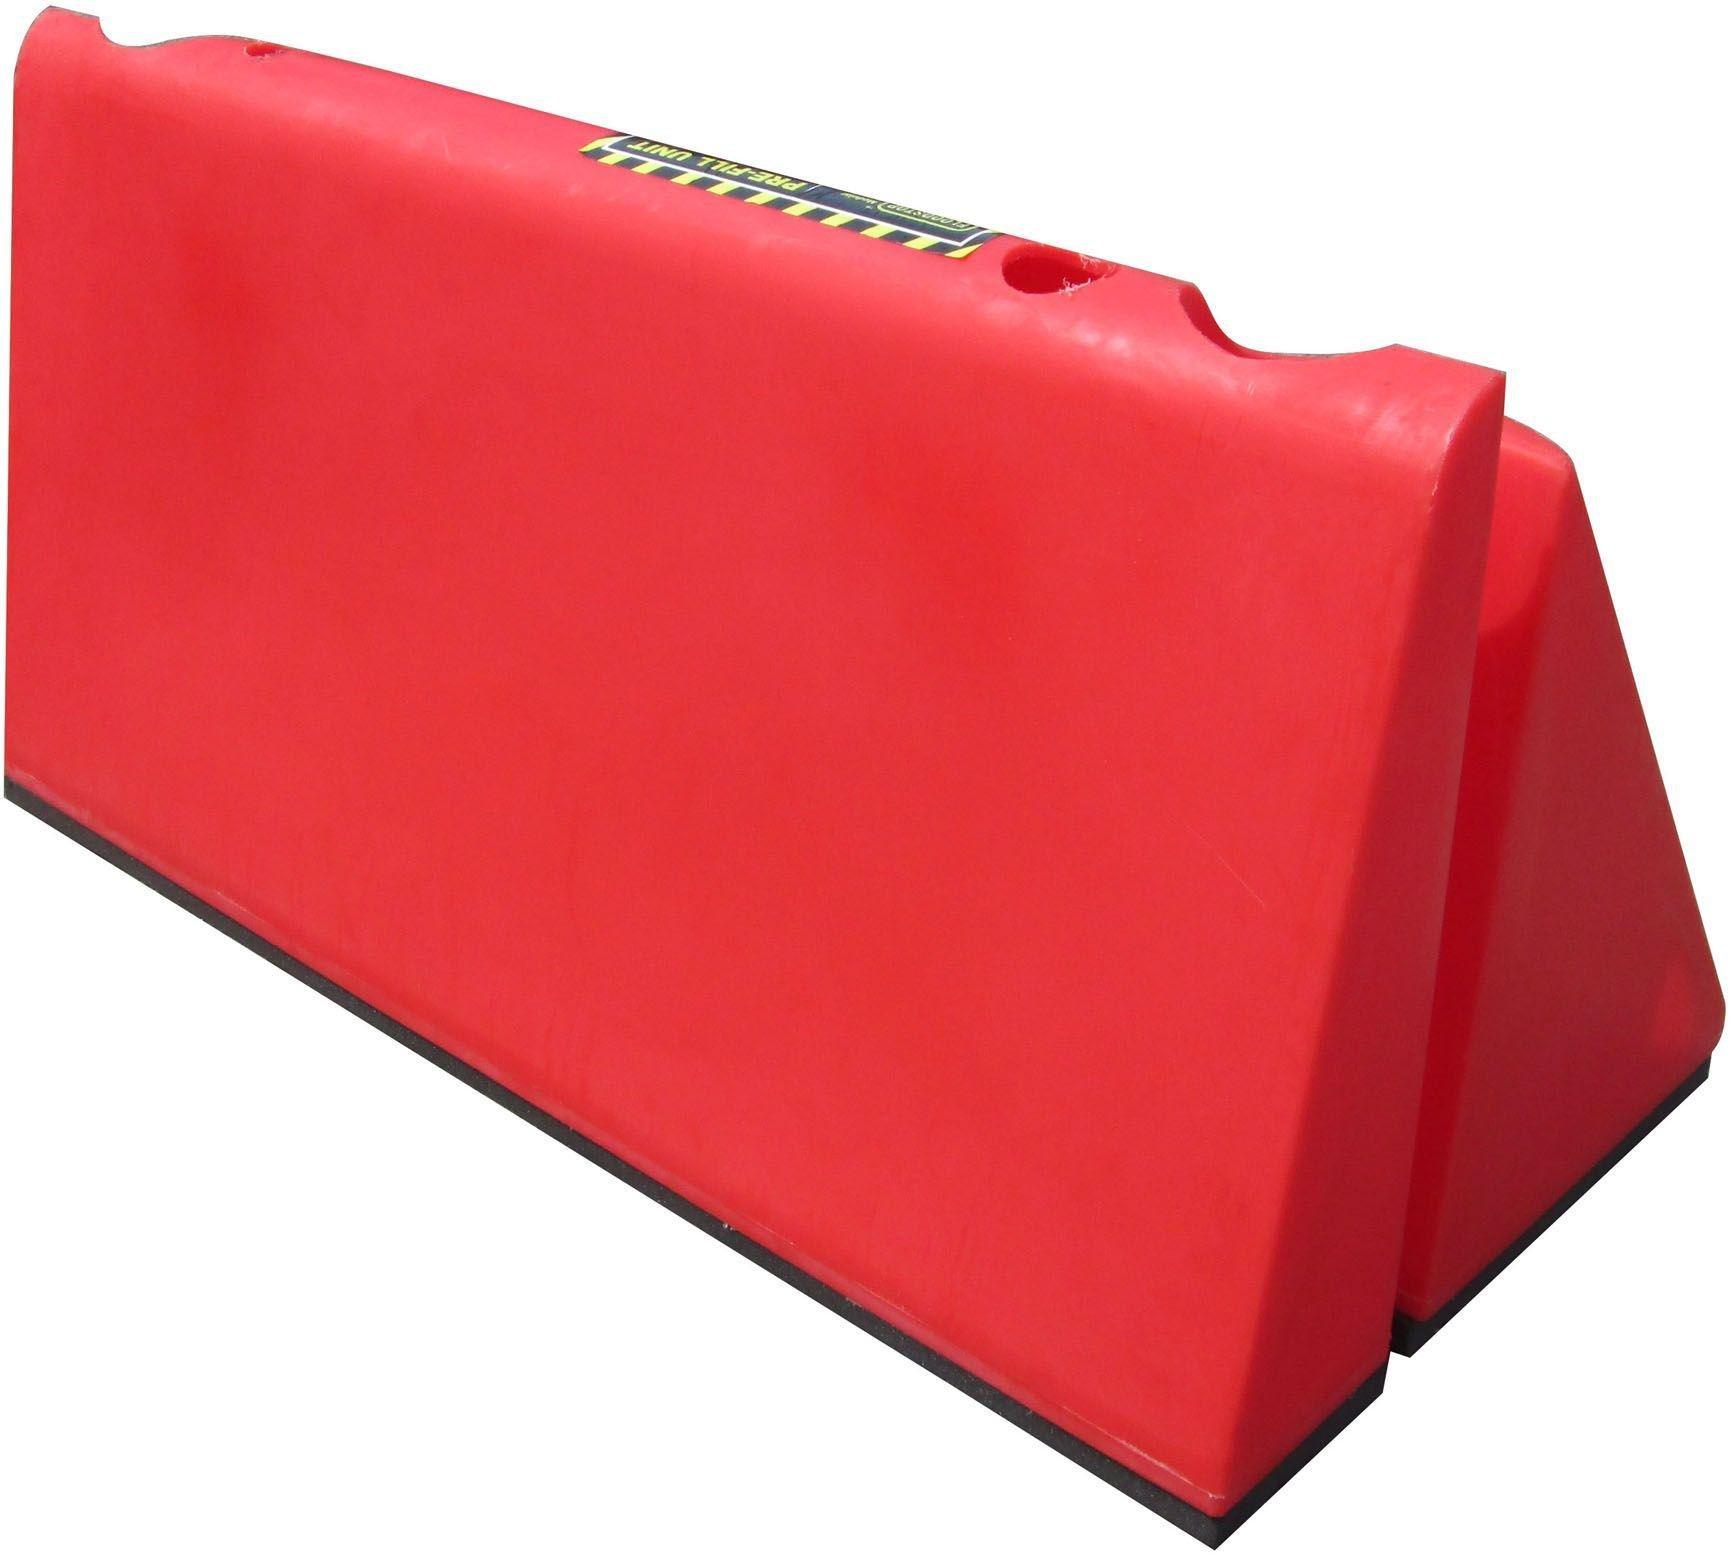 Image of AP Flood Alert Flood Stop Barrier FS500 - Red.